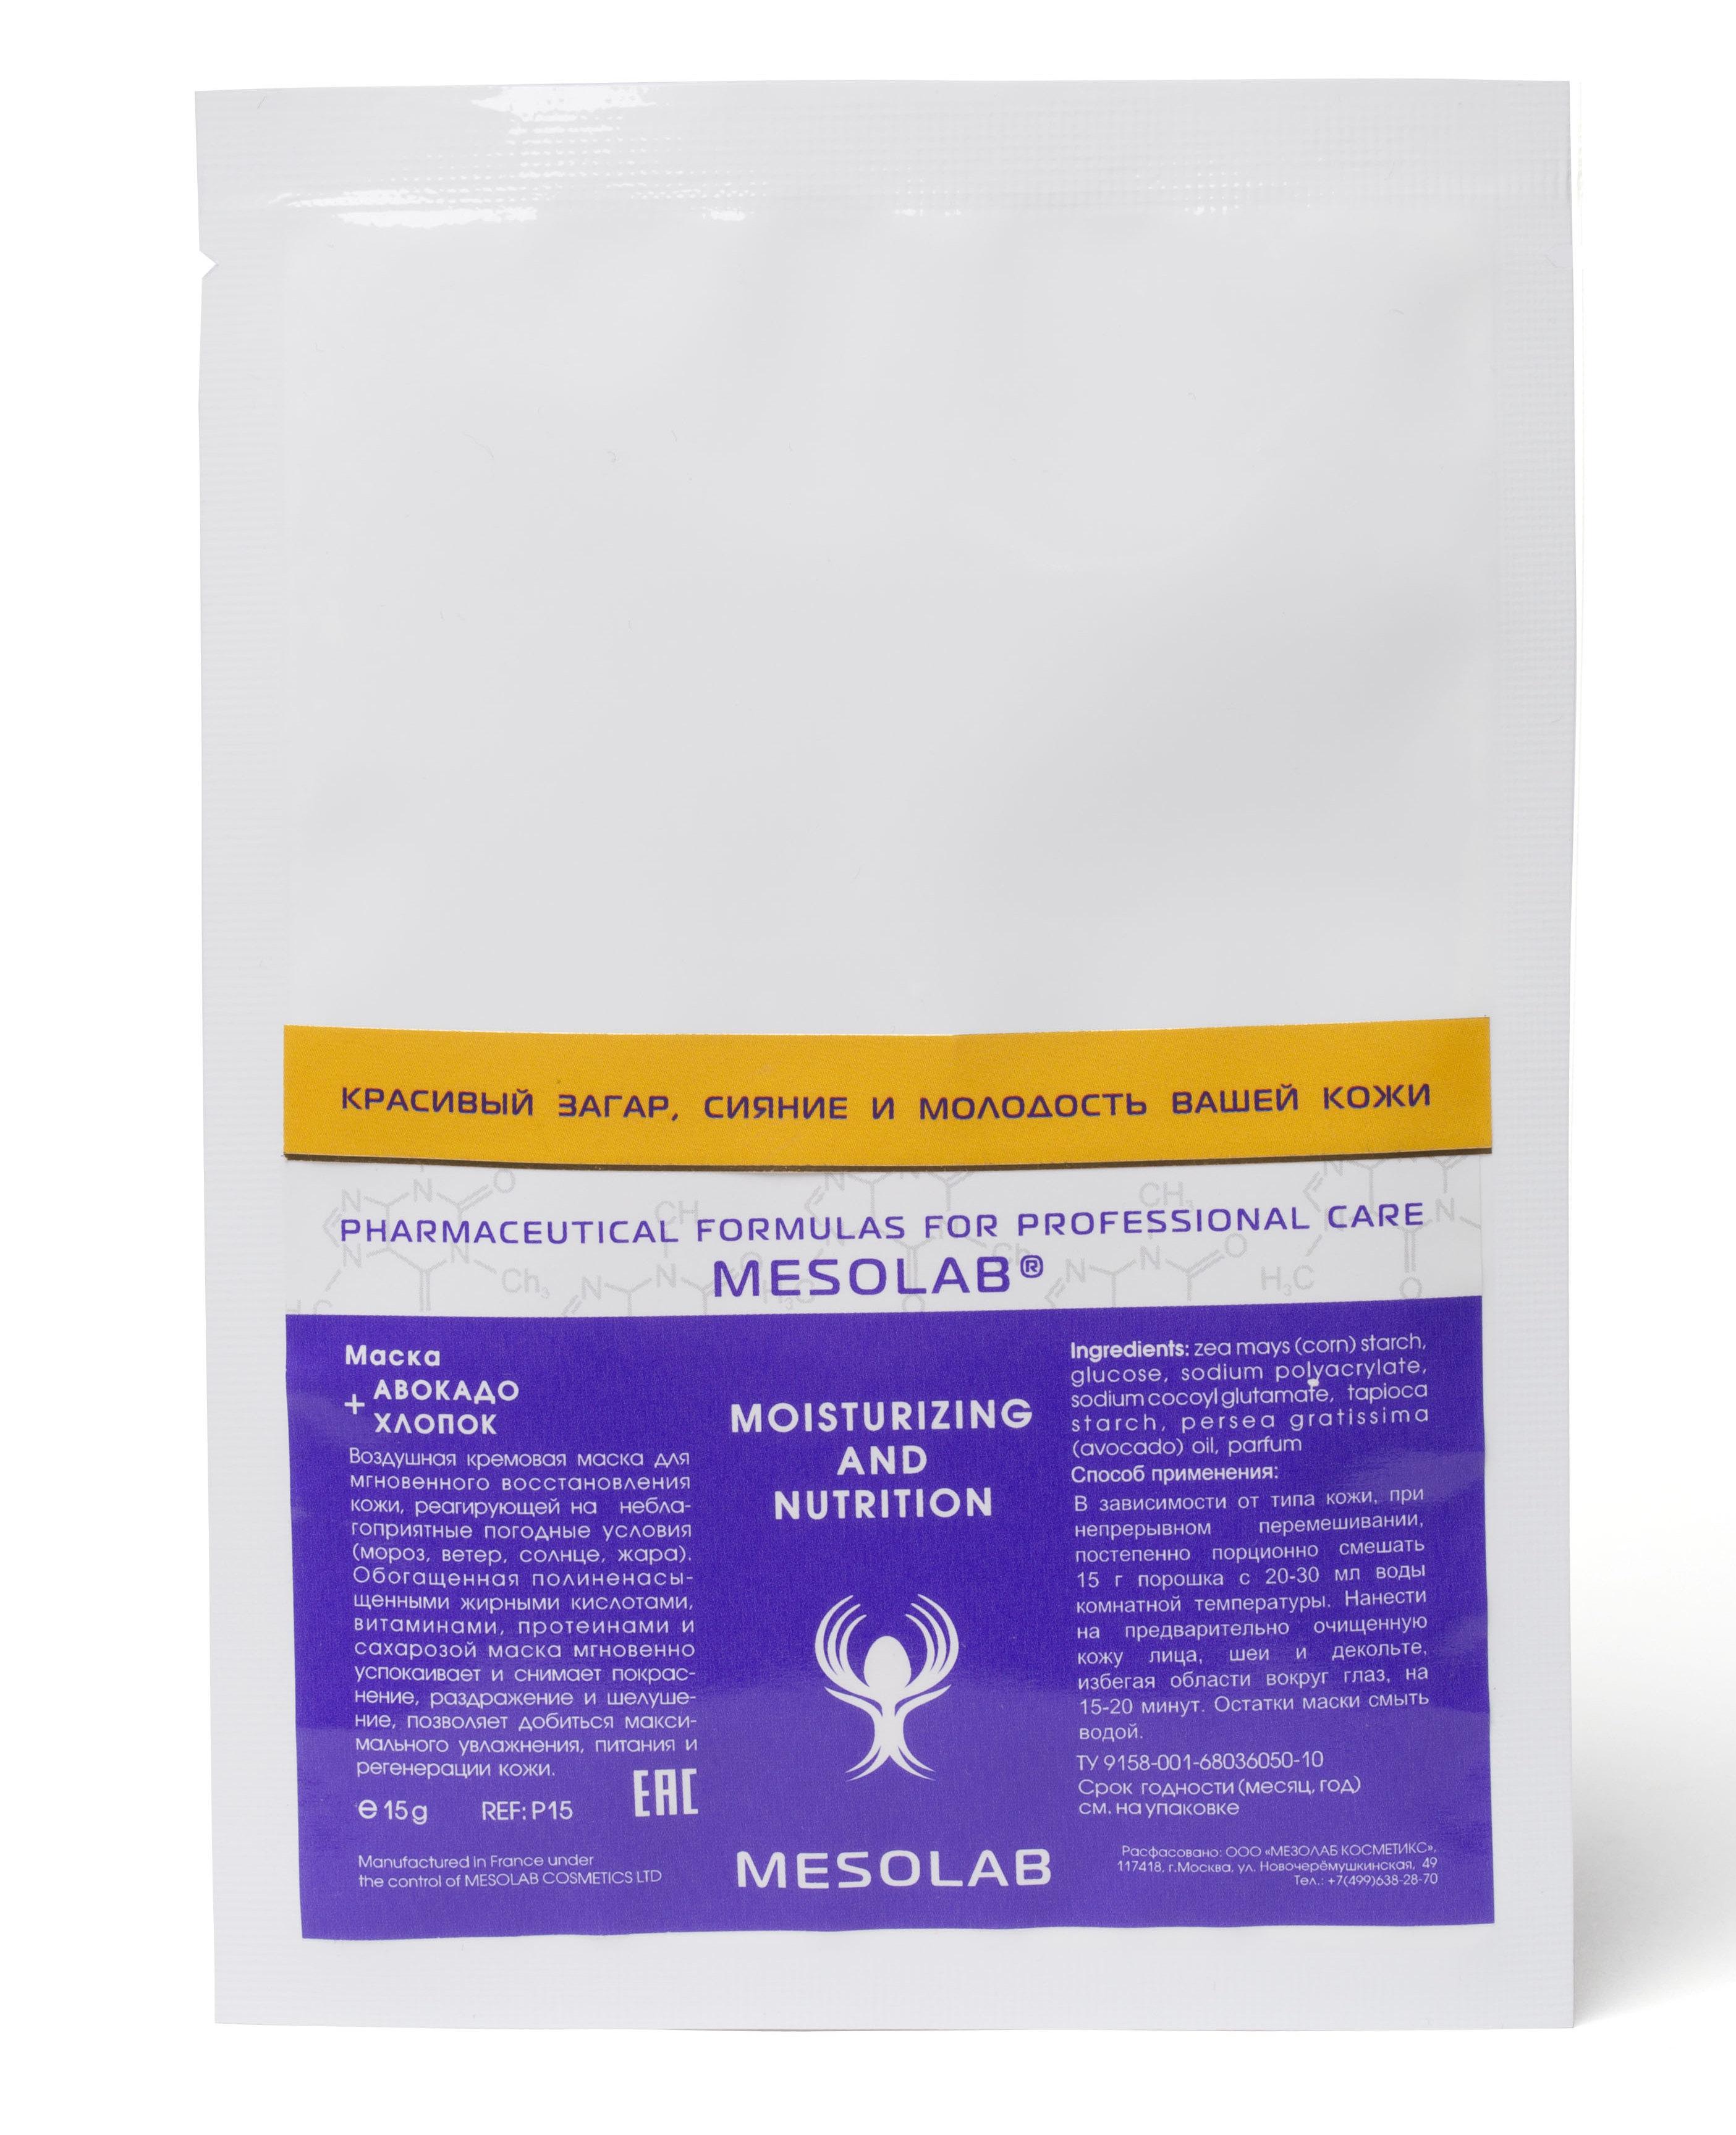 MESOLAB Маска-кремоформ для питания и увлажнения Авокадо + хлопок / MOISTURIZING AND NUTRITION 15 г